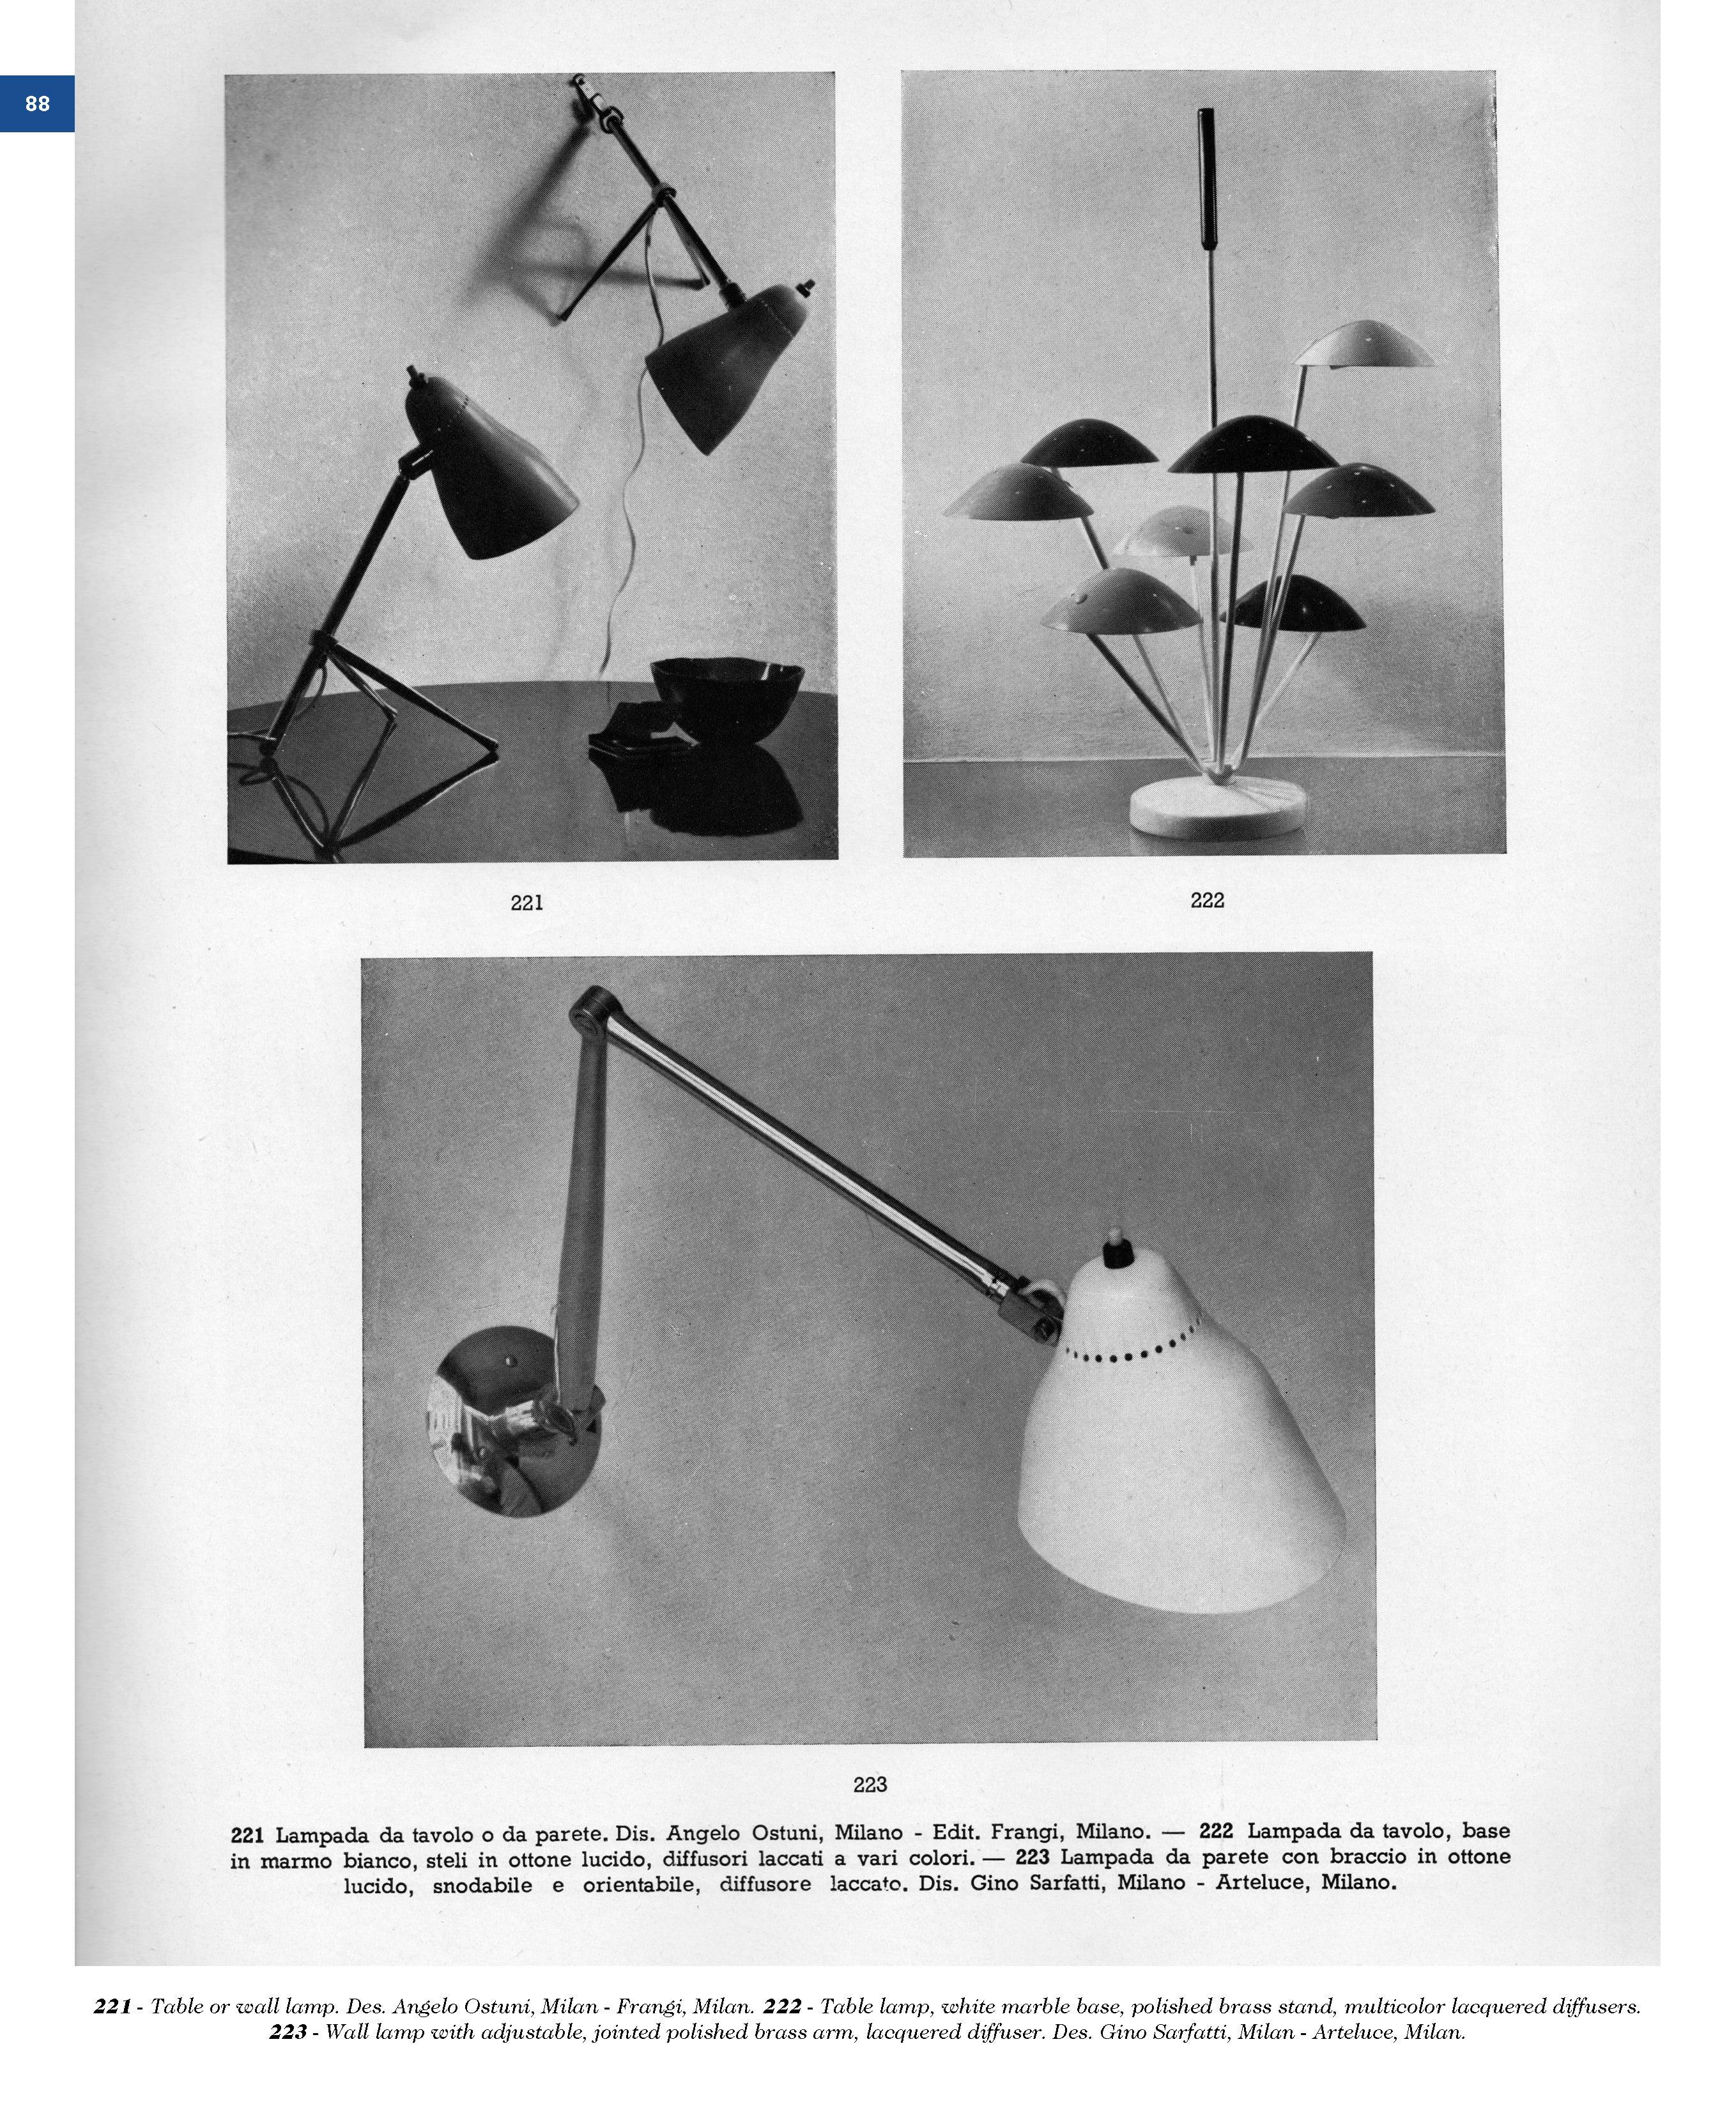 Lampade Da Parete Con Braccio esempi reprint, lighting, 1934-1964